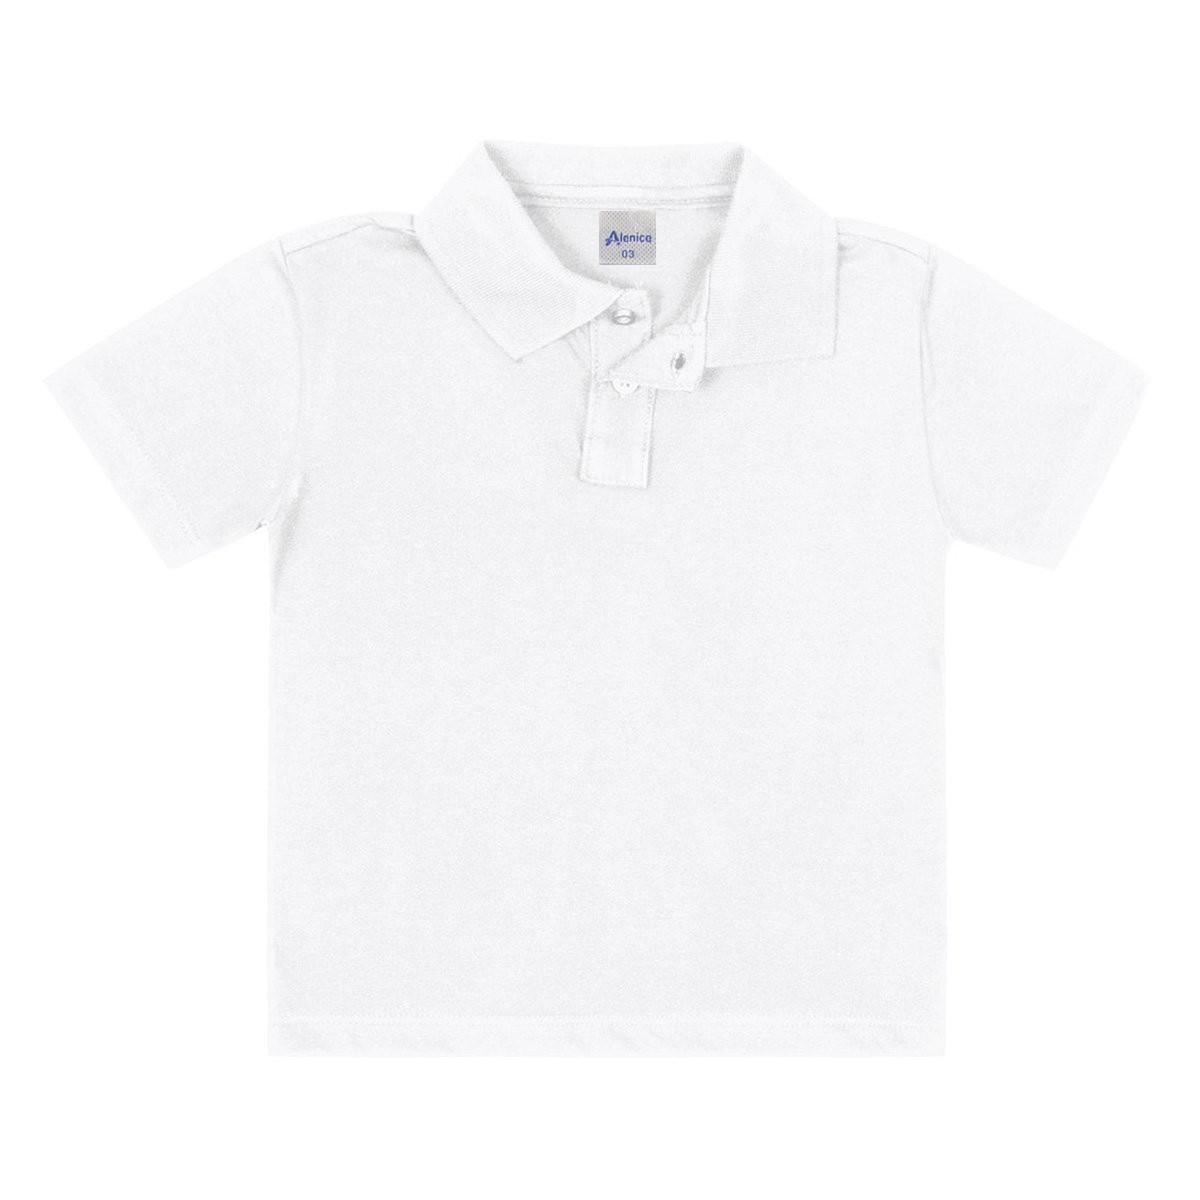 Camiseta Pólo Branco Alenice